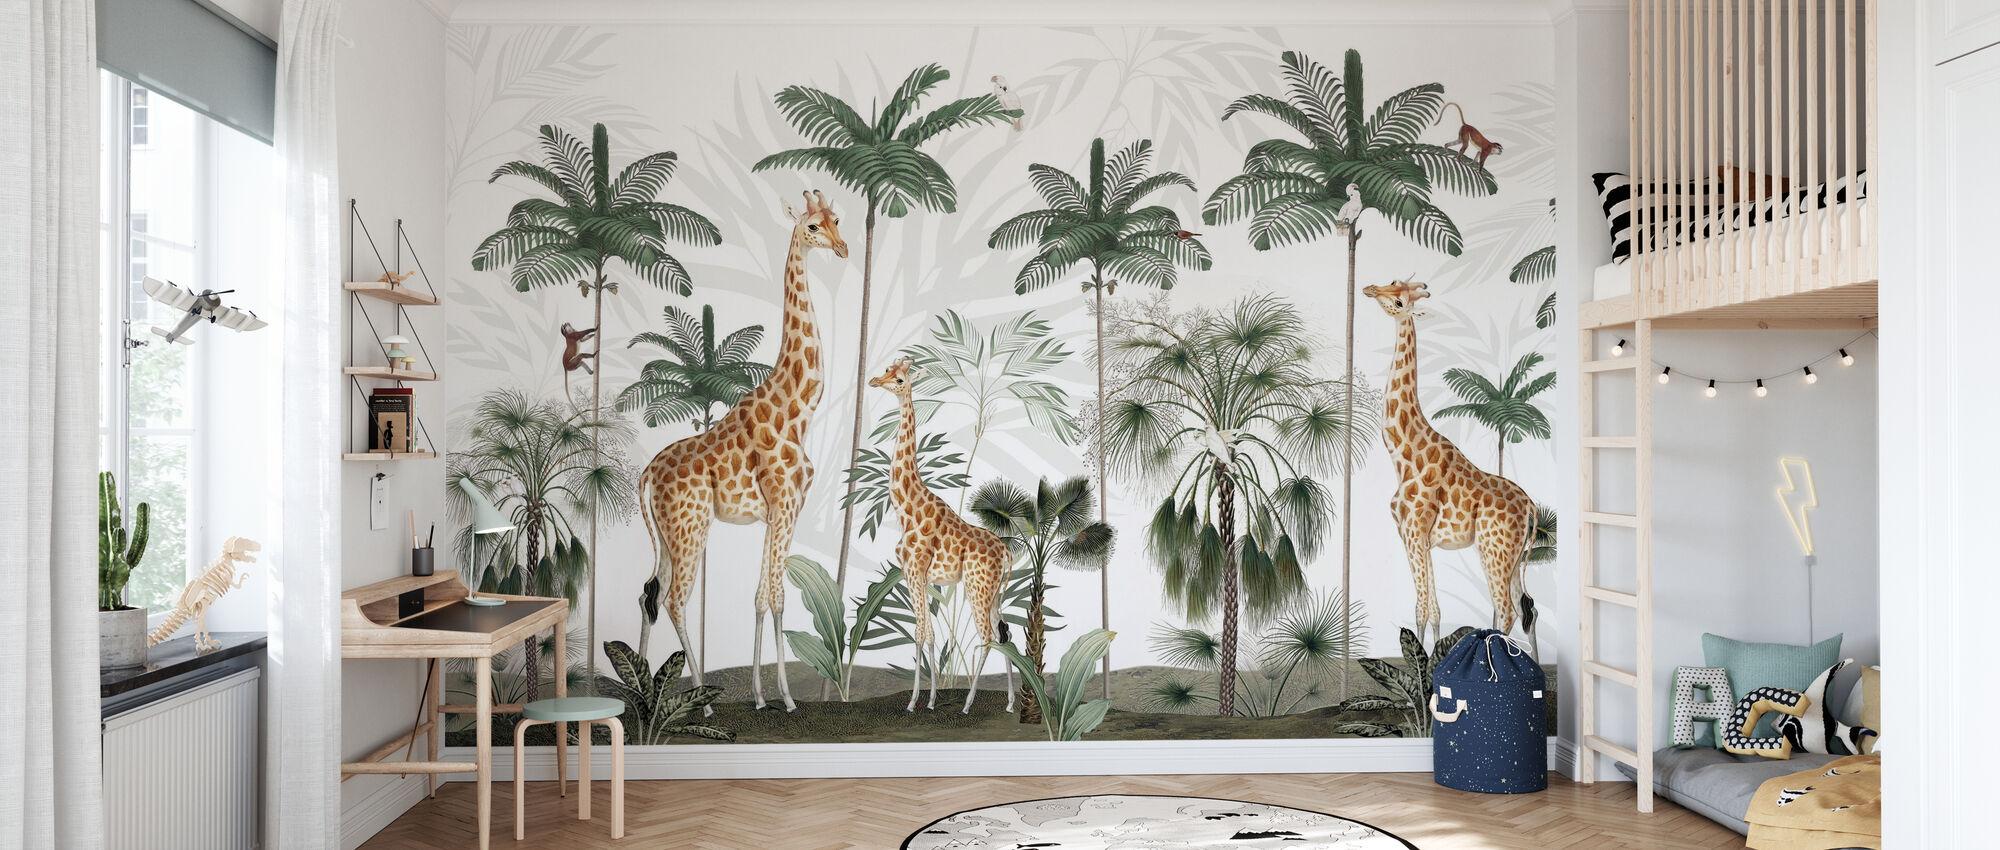 Gracious Giraffes - Wallpaper - Kids Room